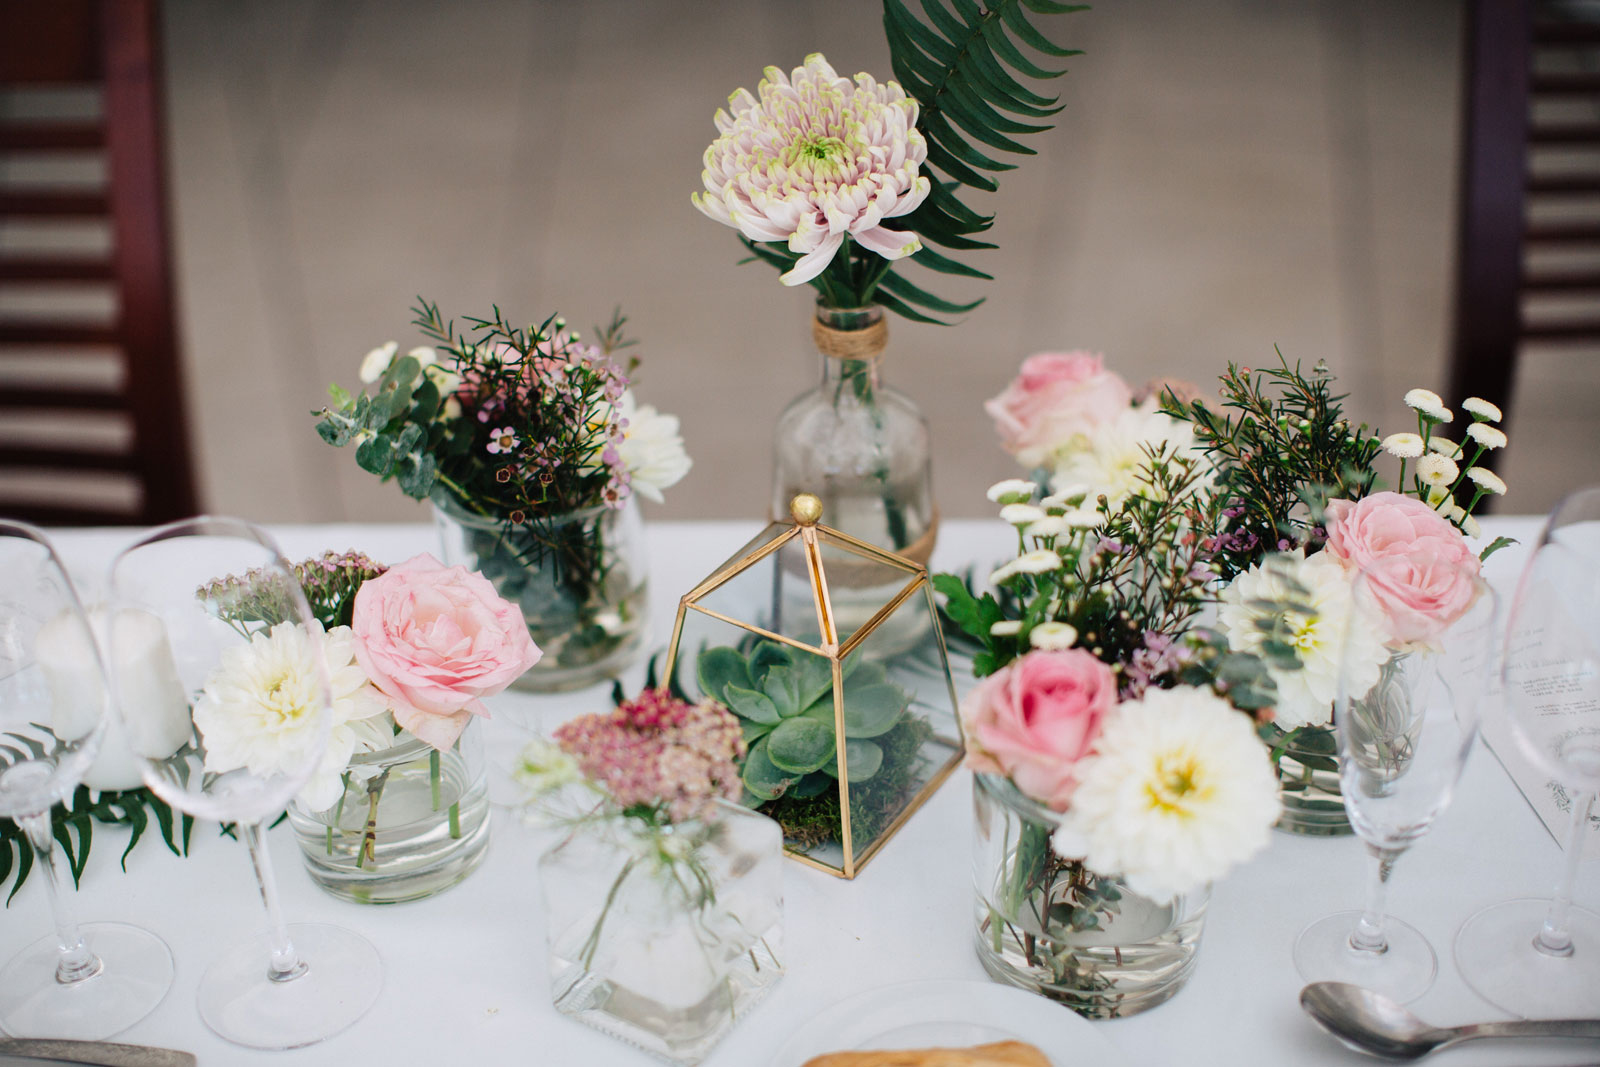 Fleurs du mois de juin et décoration aux compositions florales élégantes et de saison.